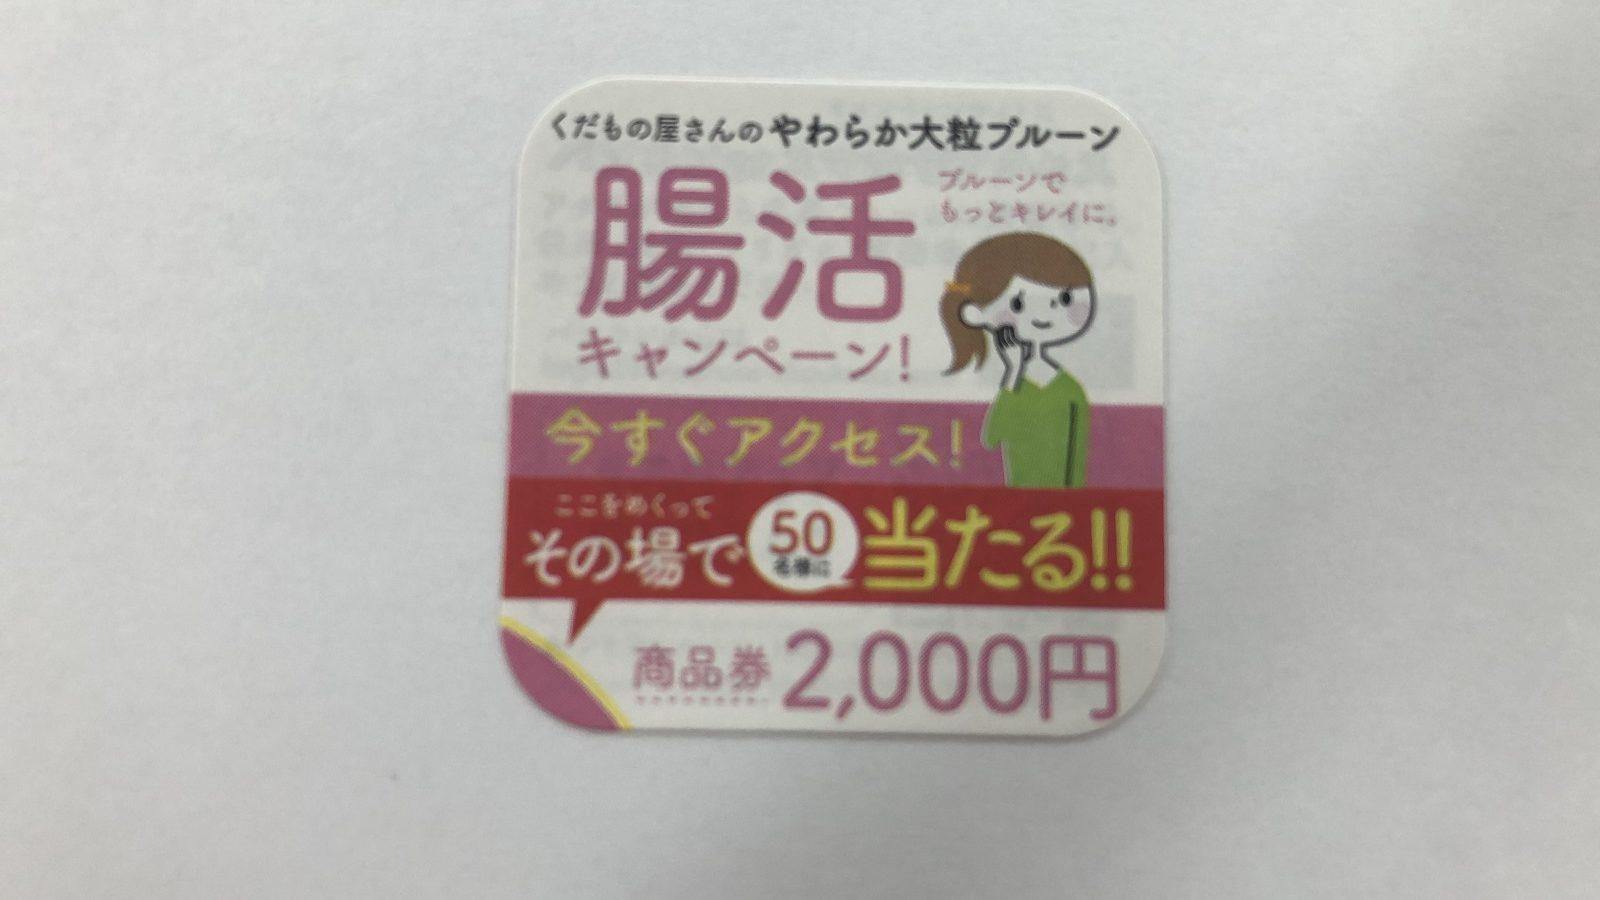 【Twitter担当者必見】インスタントウィンキャンペーン